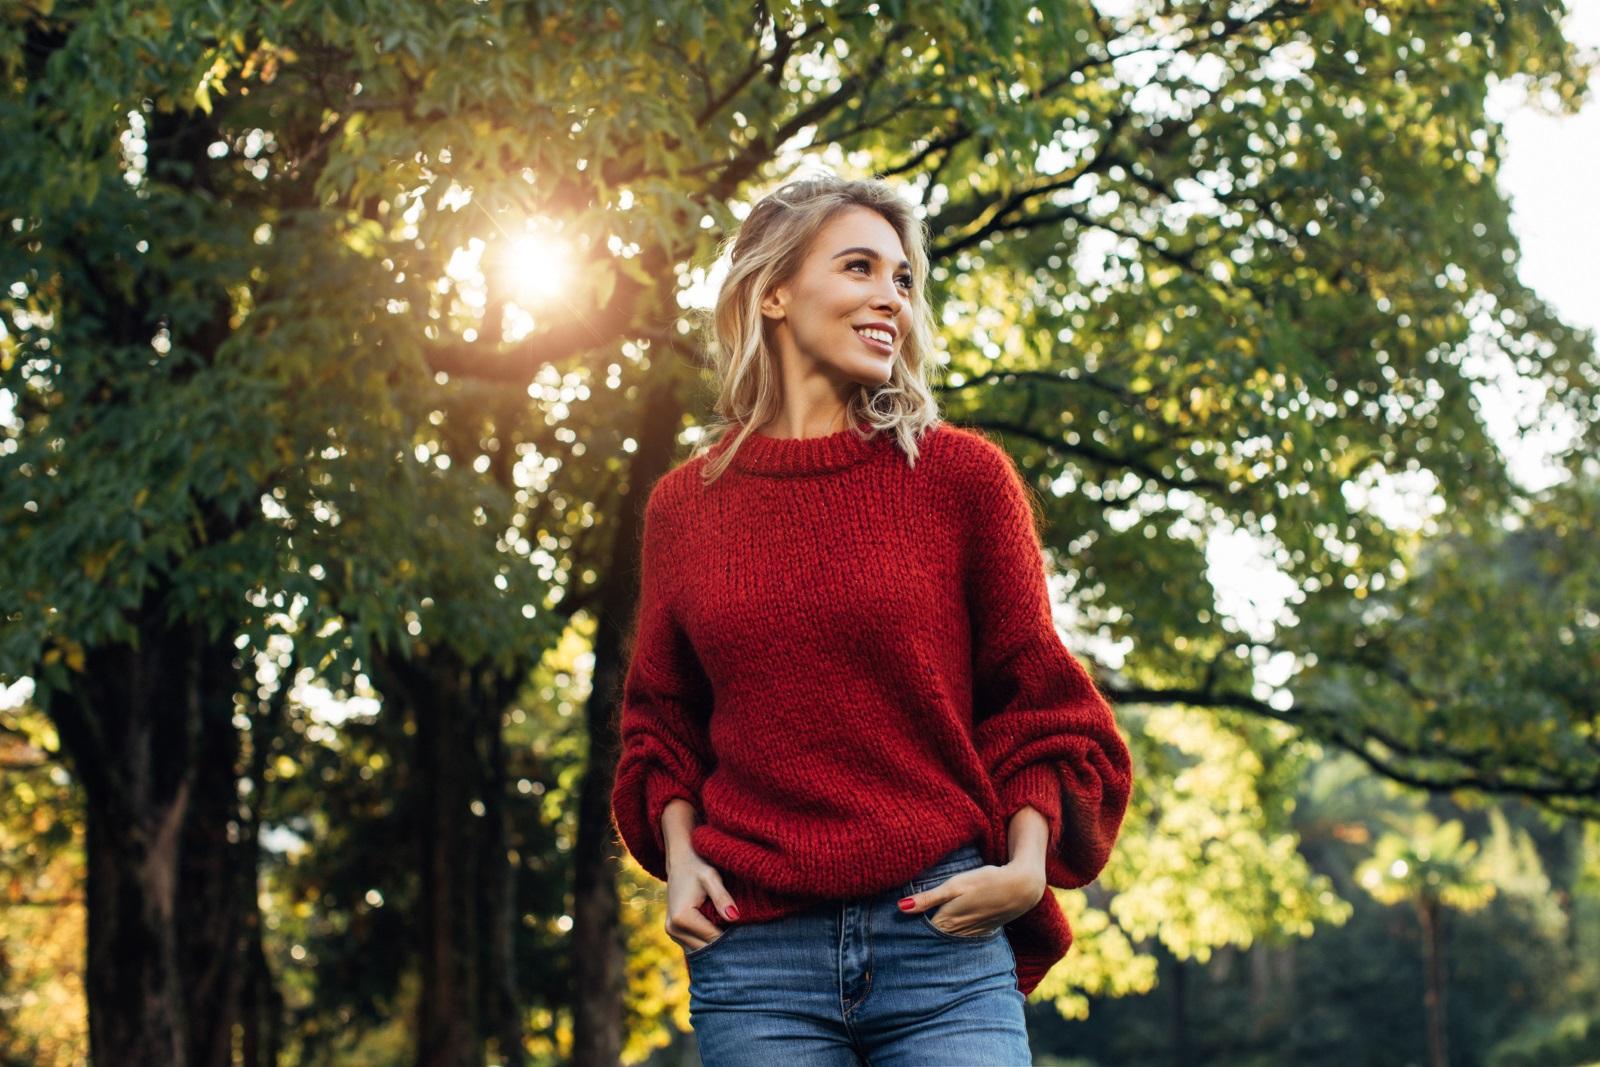 Много хора си мислят, че когато са уморени, физическата активност може само да доизцеди силите им, но истината е, че колкото повече се движим, толкова повече повишаваме тонуса си! Ето защо препоръчваме много разходки на слънце, за да хванем един приятен здравословен тен и да се запасим с енергия.